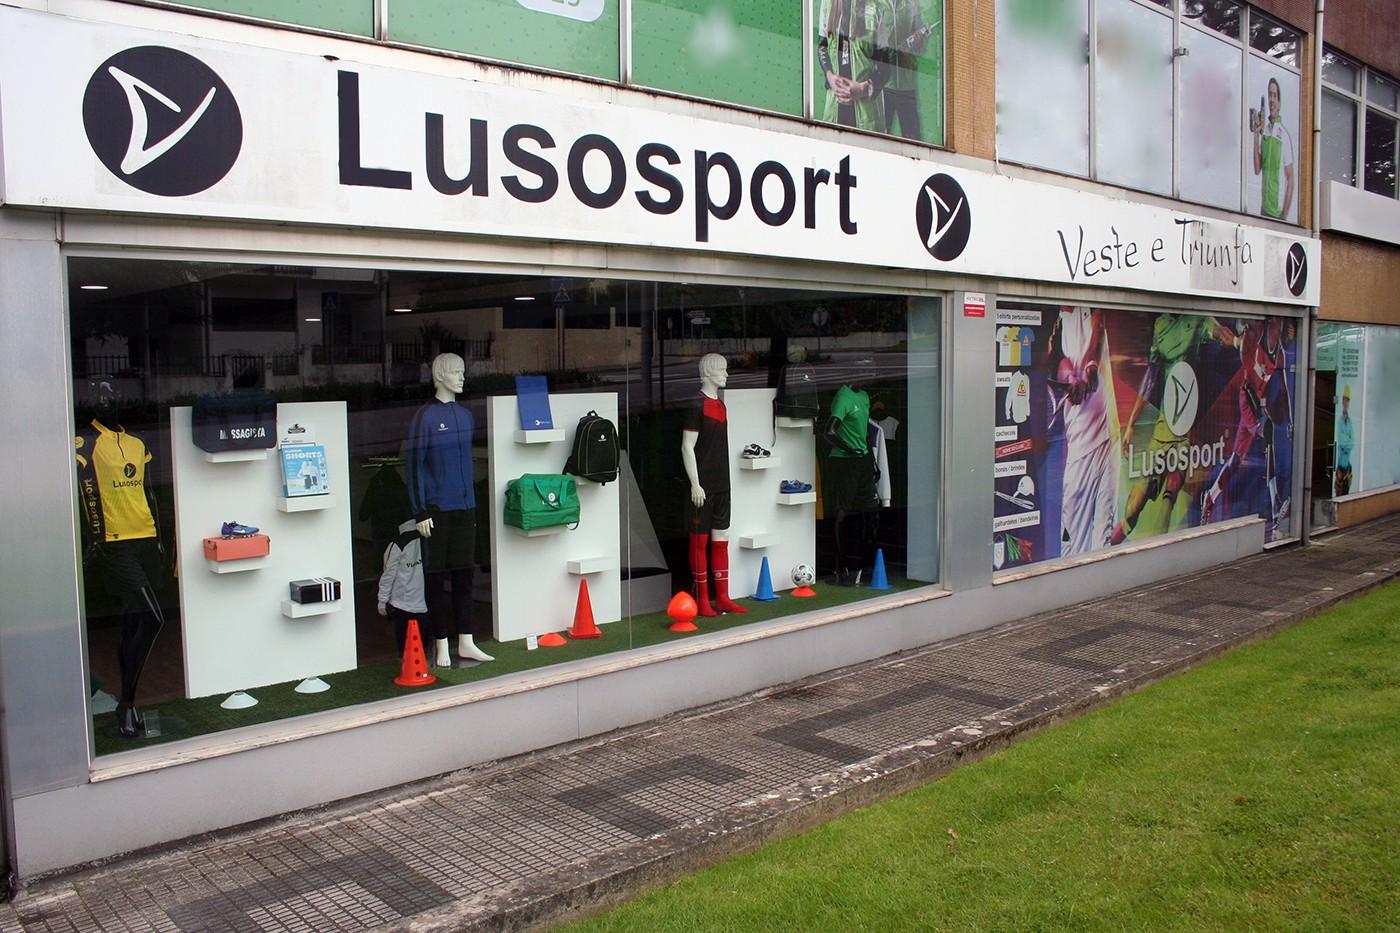 Lusosport